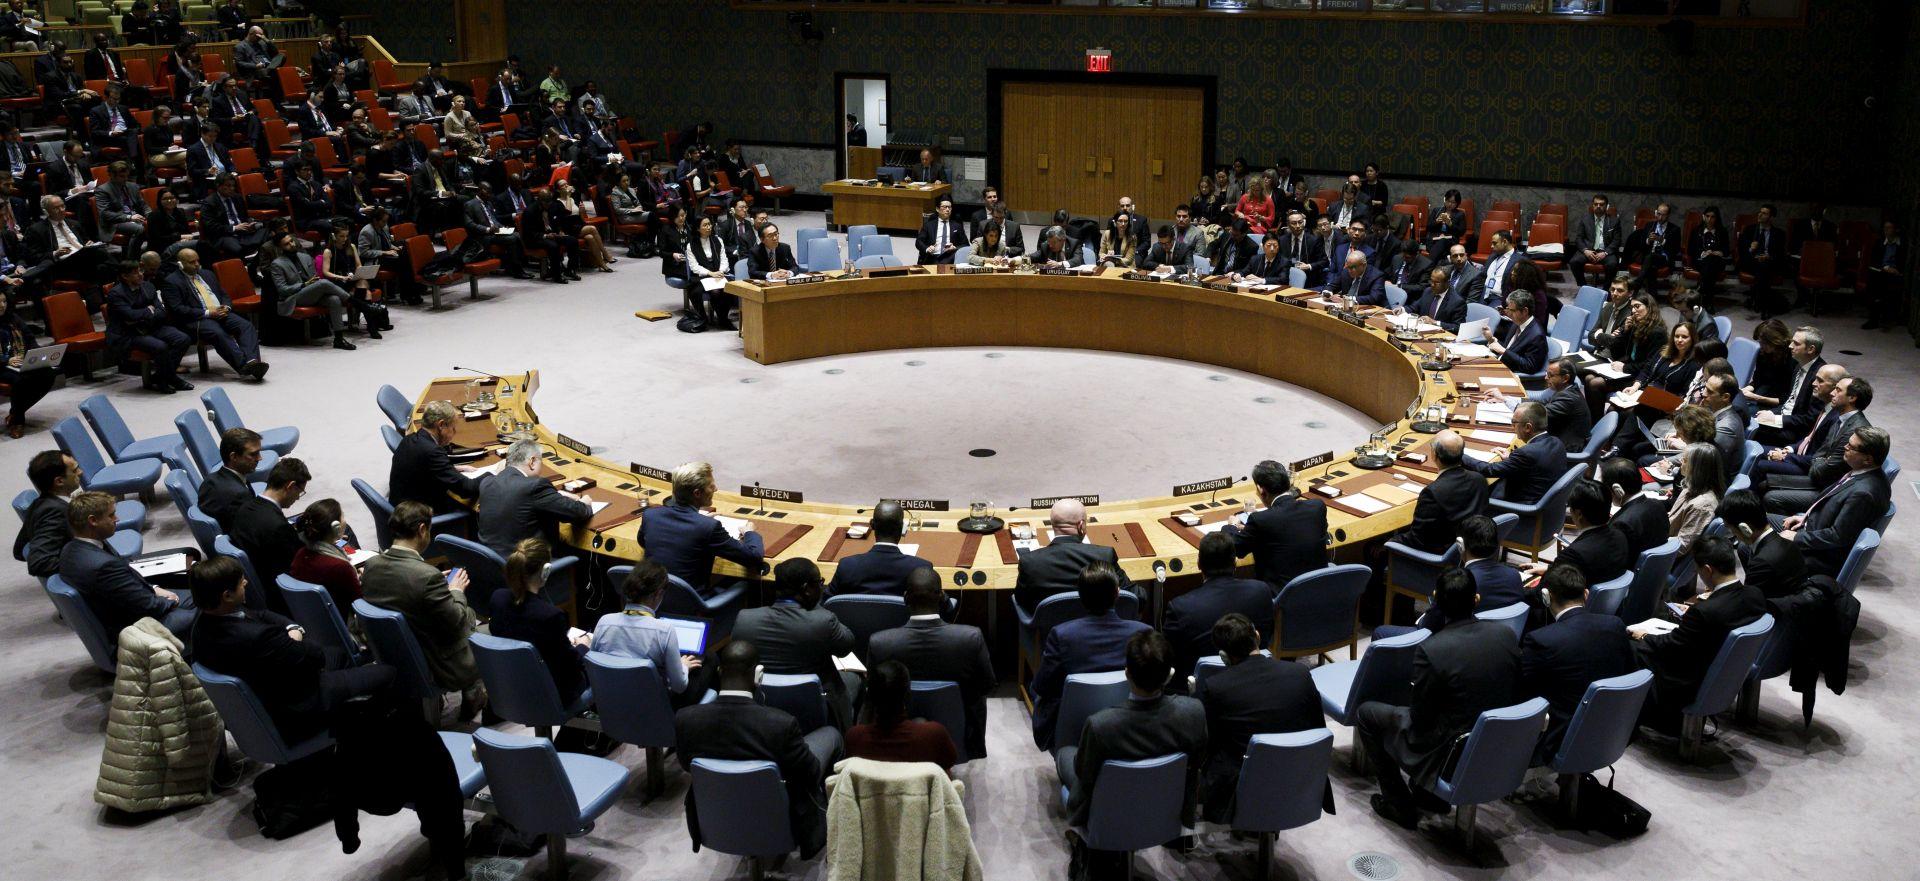 Rusija nije uspjela uvjeriti VS UN-a da osudi SAD